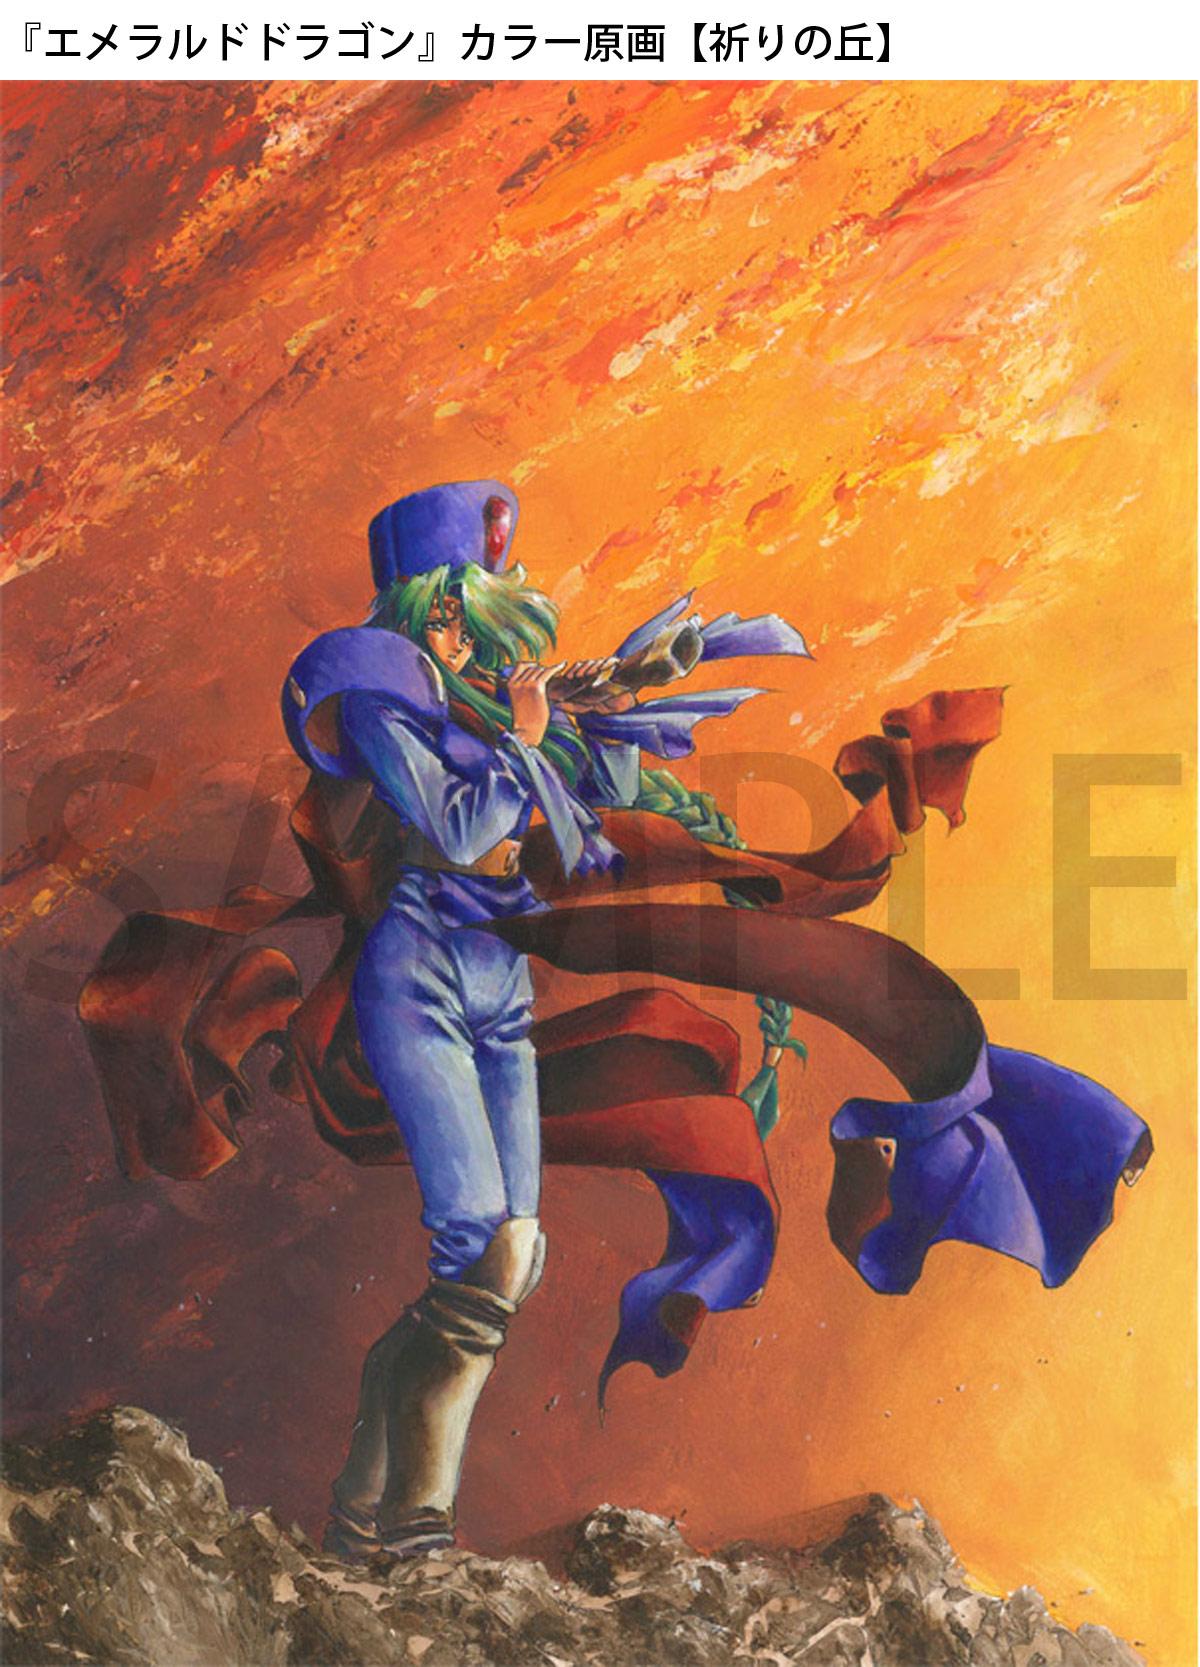 往年の名作ゲーム「エメラルドドラゴン」でおなじみ木村明広の複製原画やオーダー色紙が『FUNDIY STORE』で販売開始!